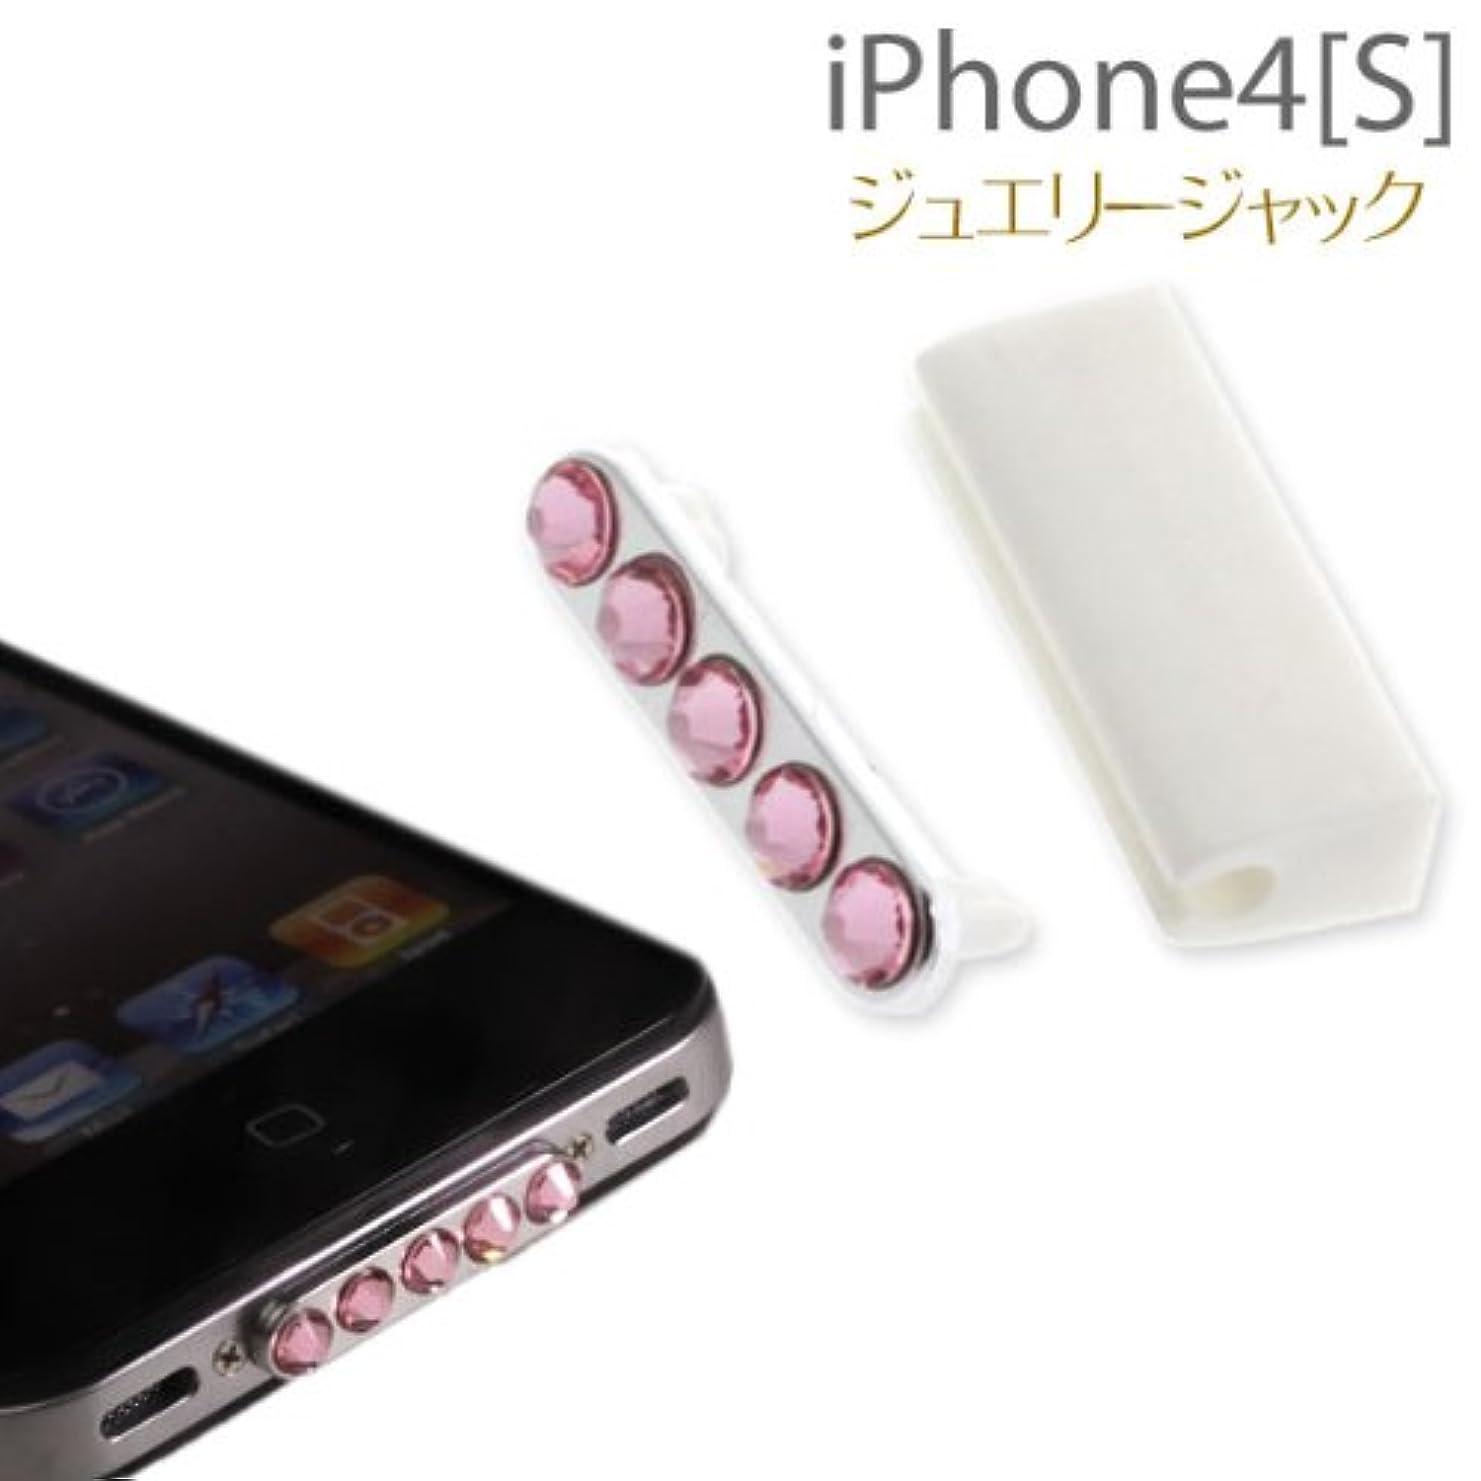 おっと火山火山【iDress】iPhone4S/4ドックコネクタ用ジュエリージャック2nd☆アイフォンアクセ通販☆【メール便可】【ピンクサファイア】